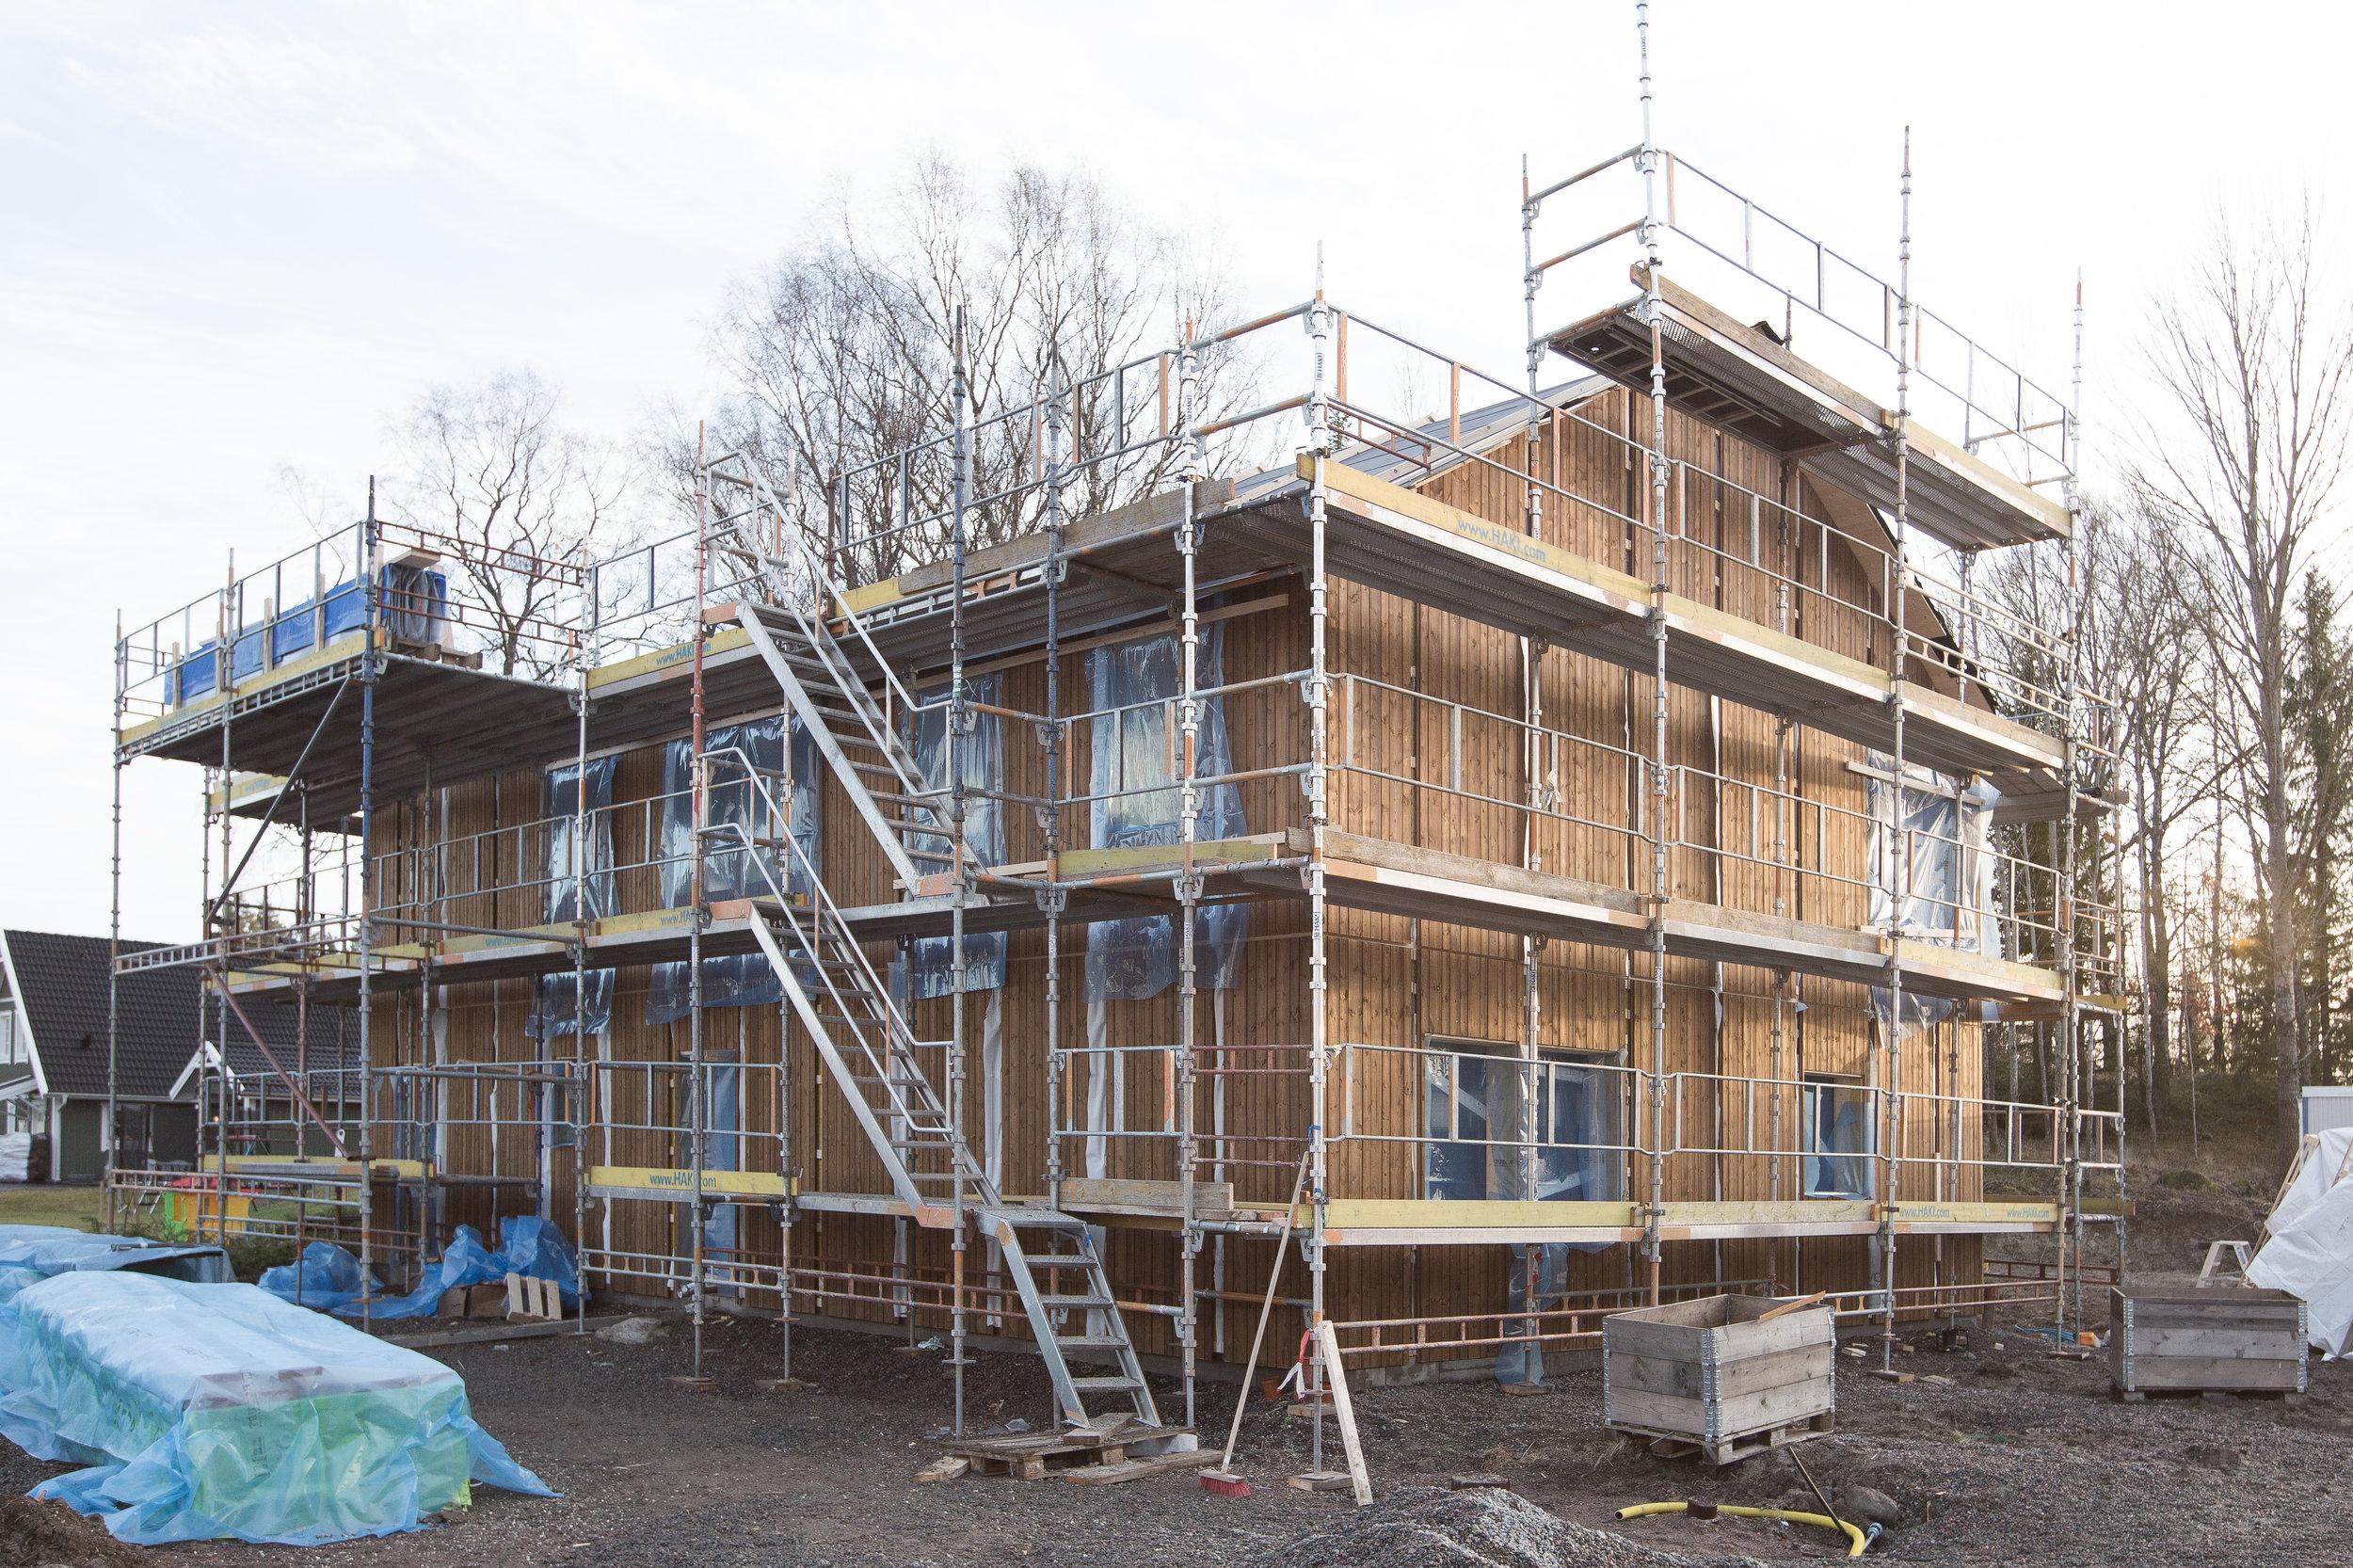 Blir skönt när byggställningen plockas ner så man ser huset ordentligt. Men det dröjer minst en månad till.